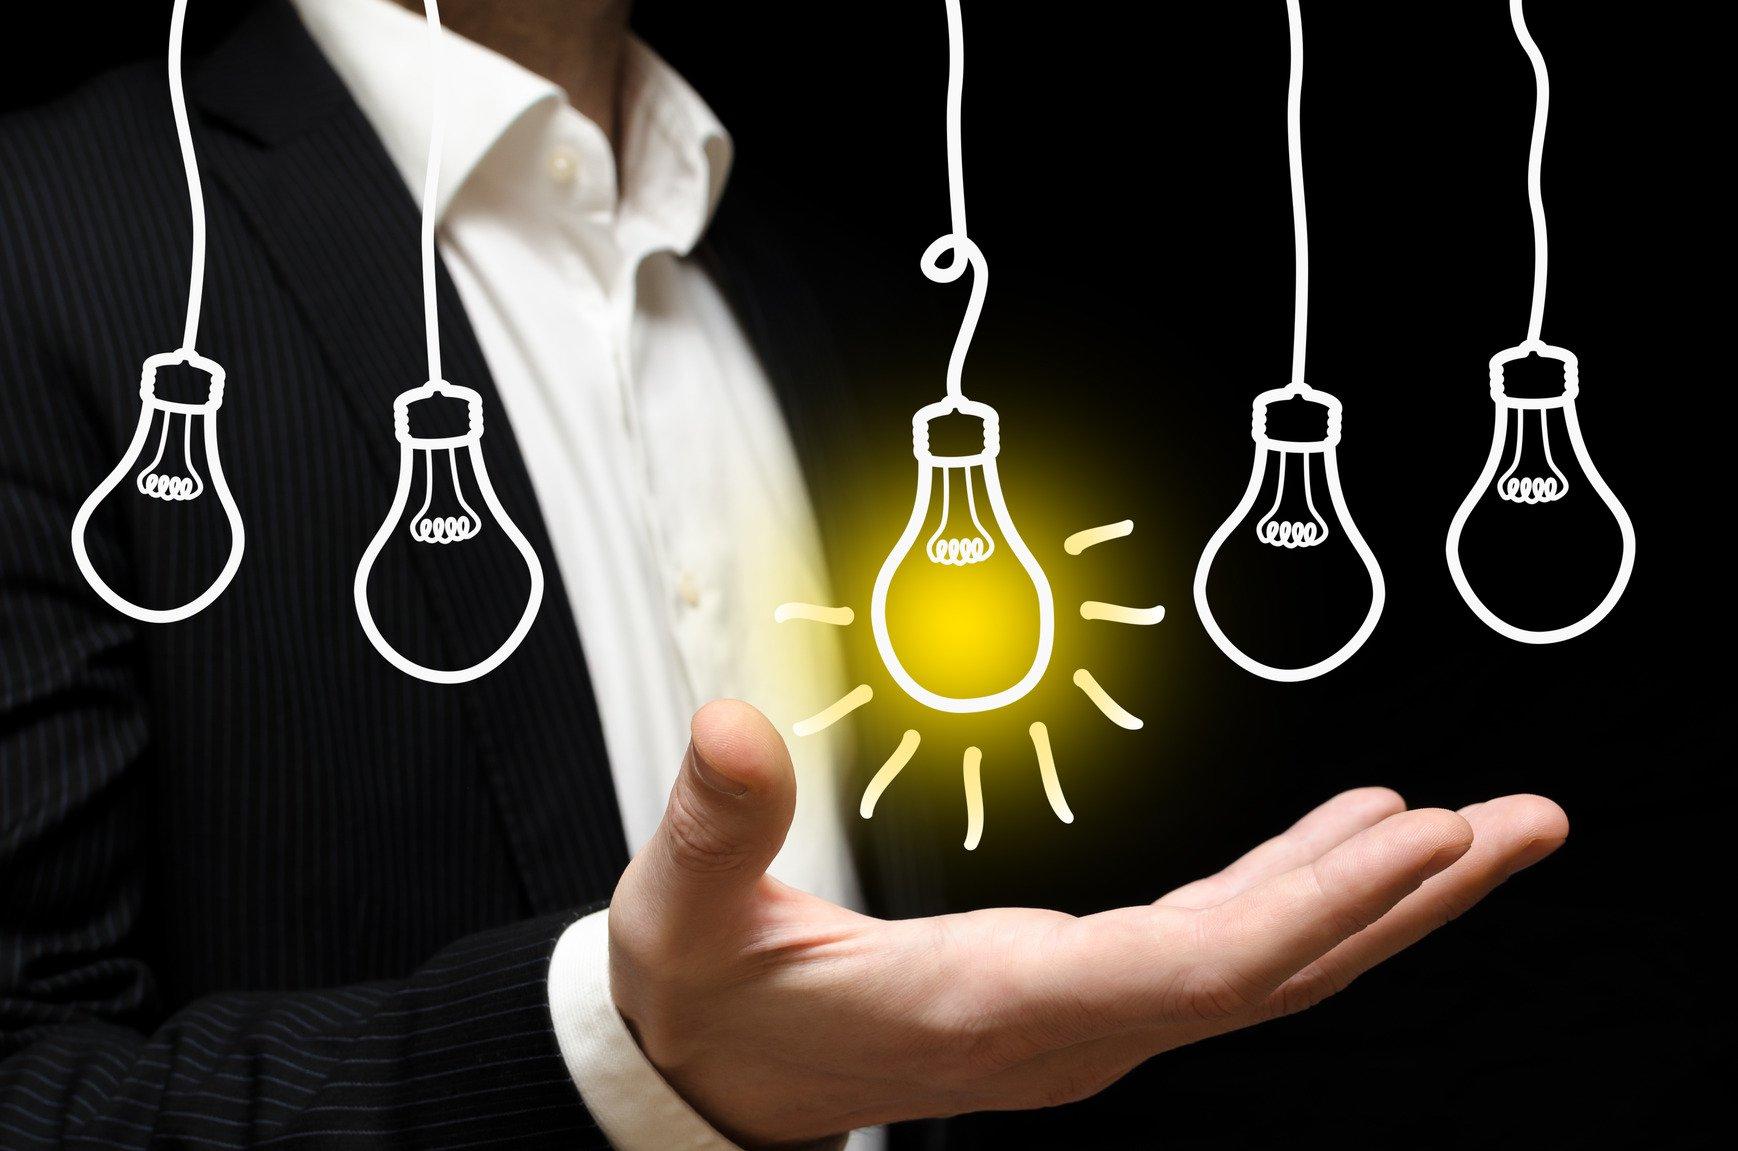 Pasos para convertir una idea en un negocio.